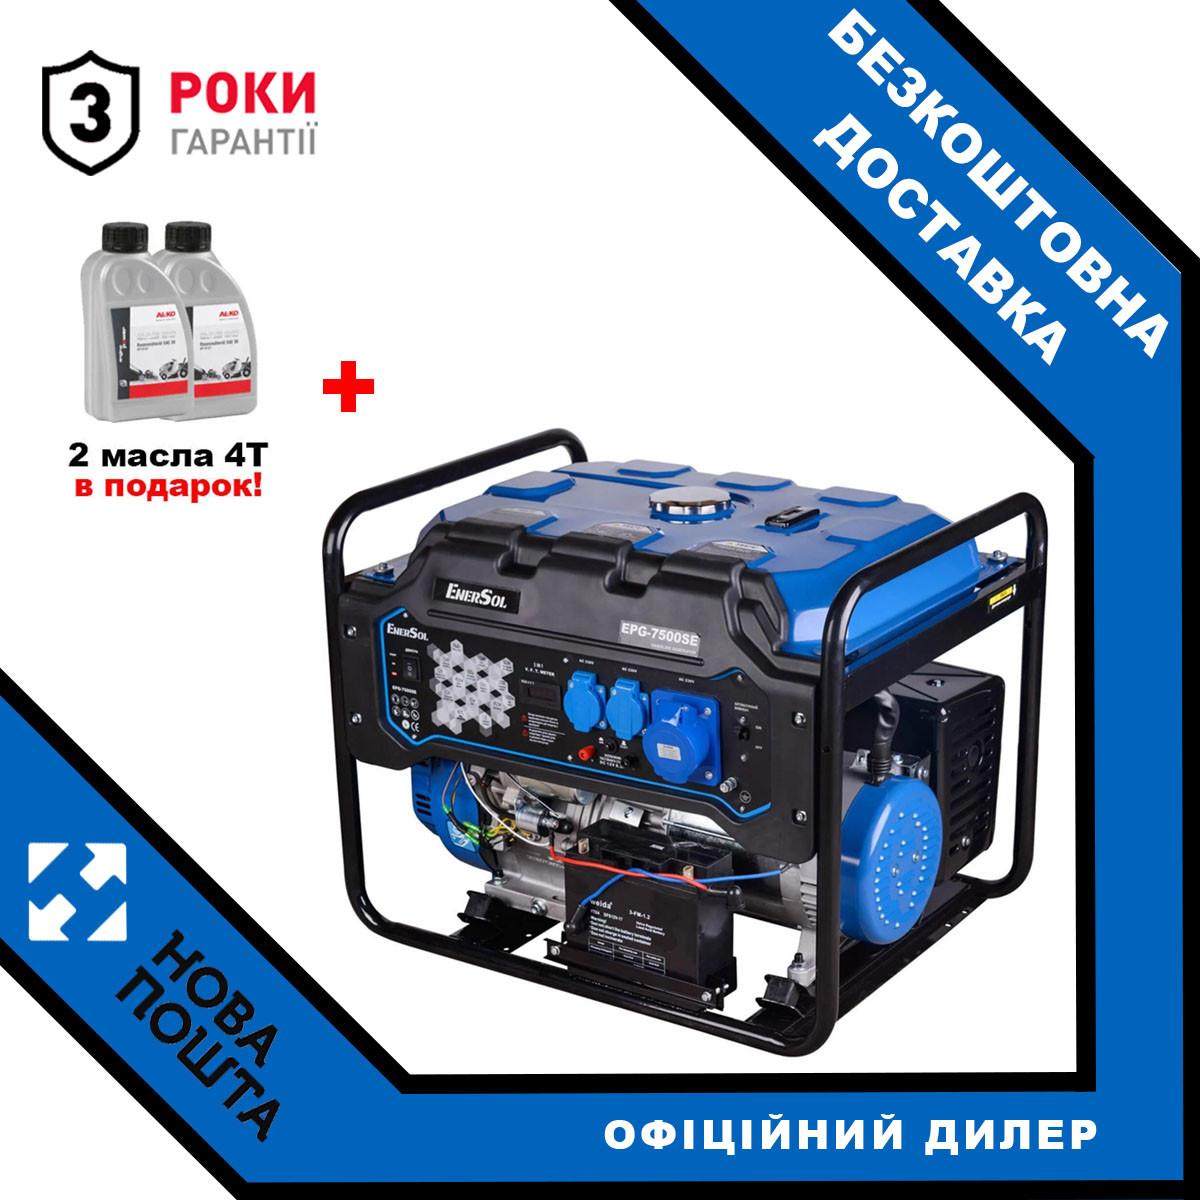 Генератор бензиновий EnerSol EPG-7500SE + в подарок 2 масла 4Т!